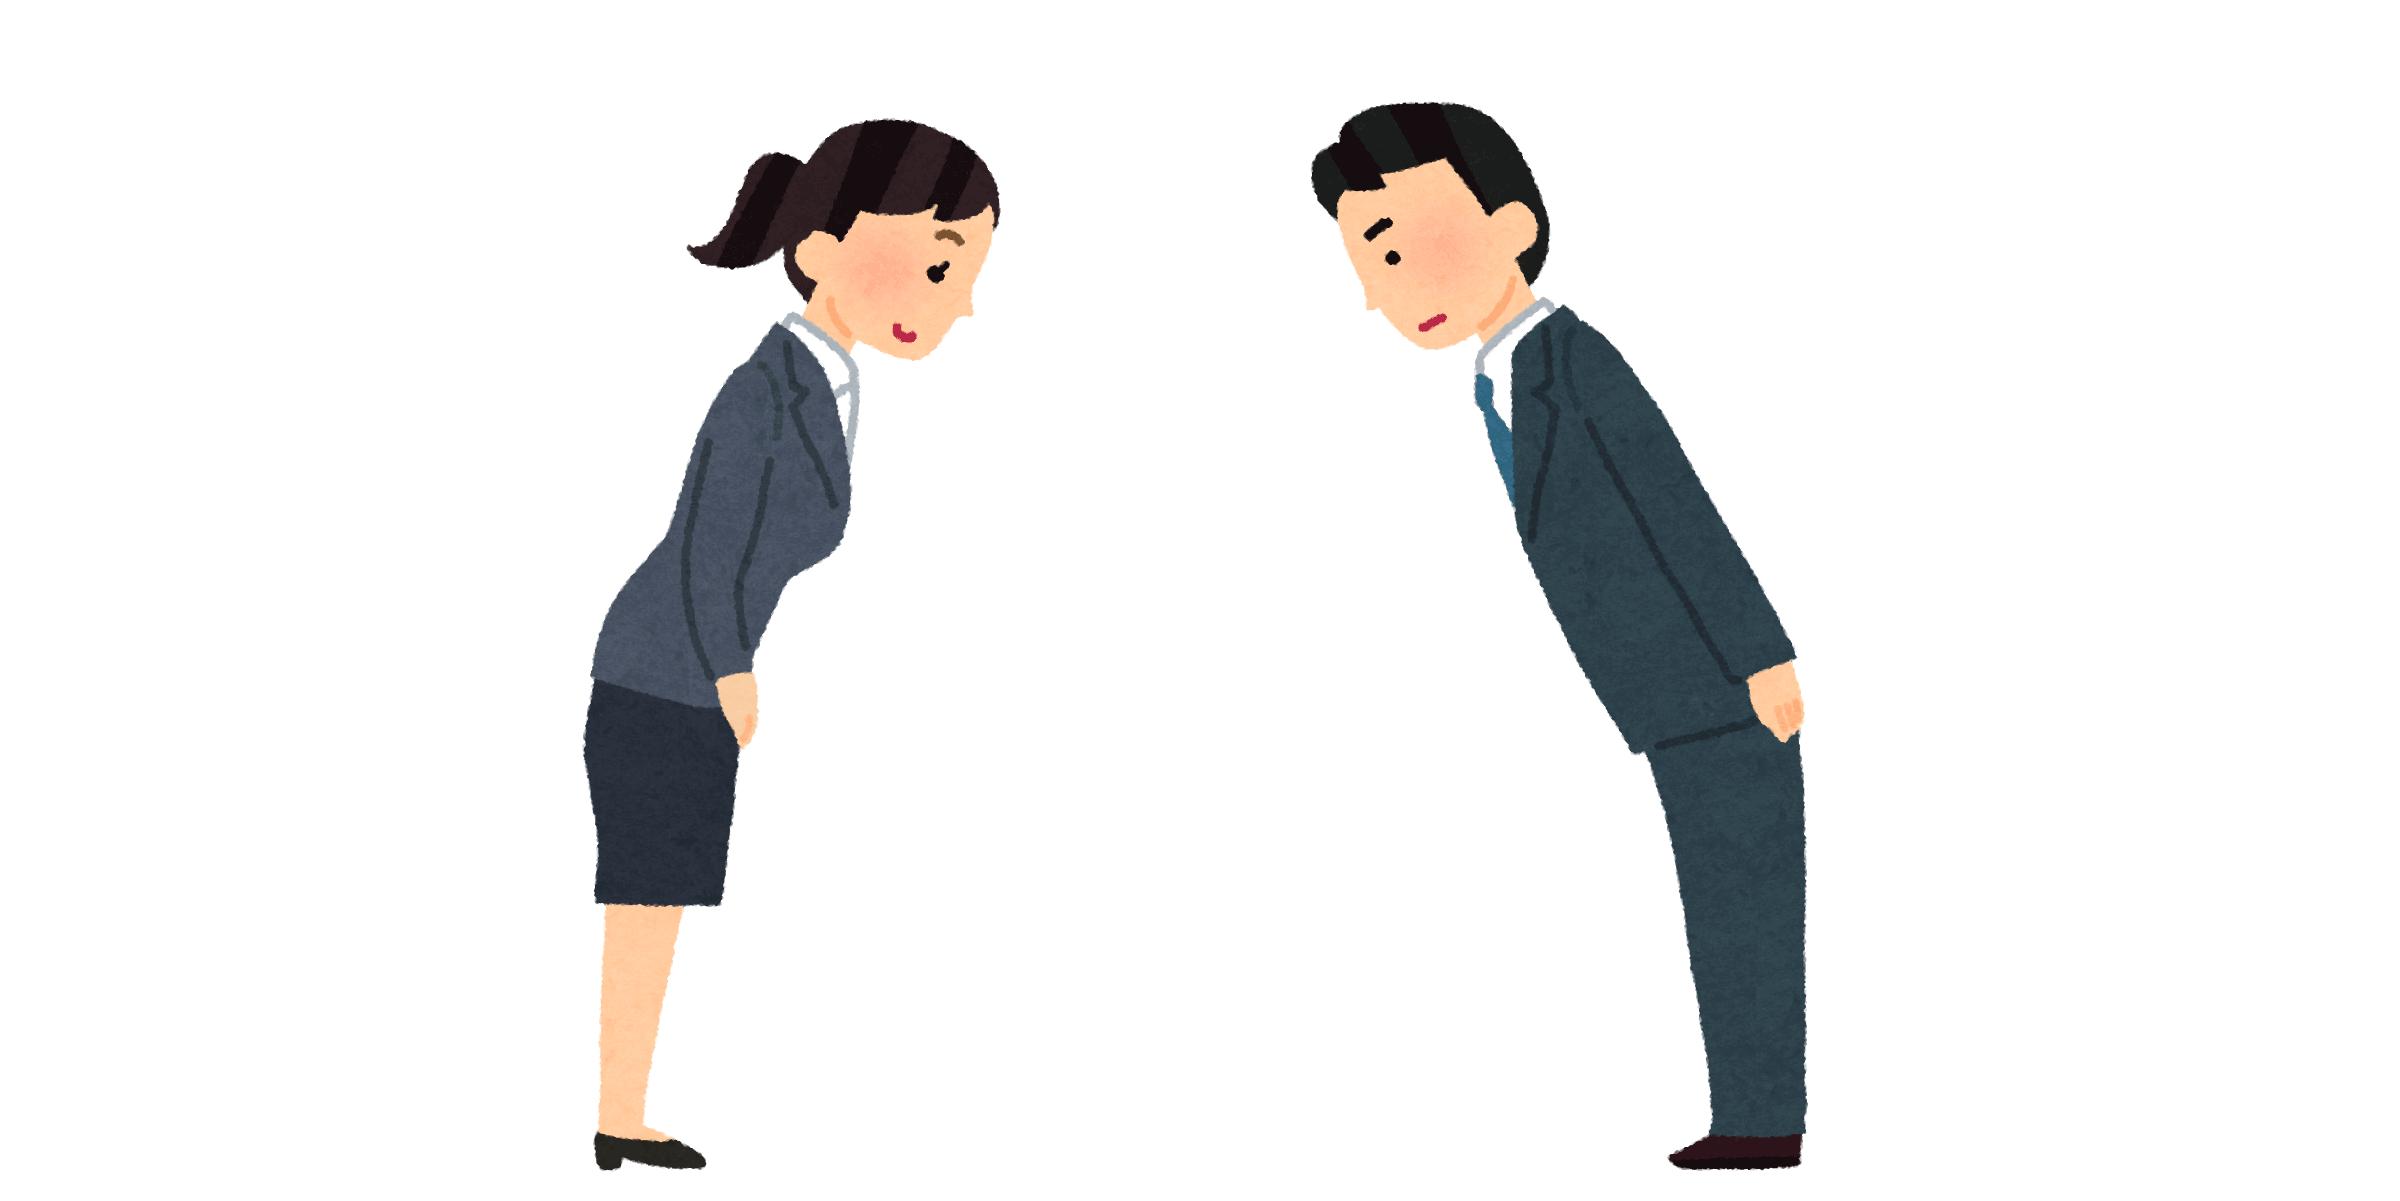 Futsuurei or Keirei